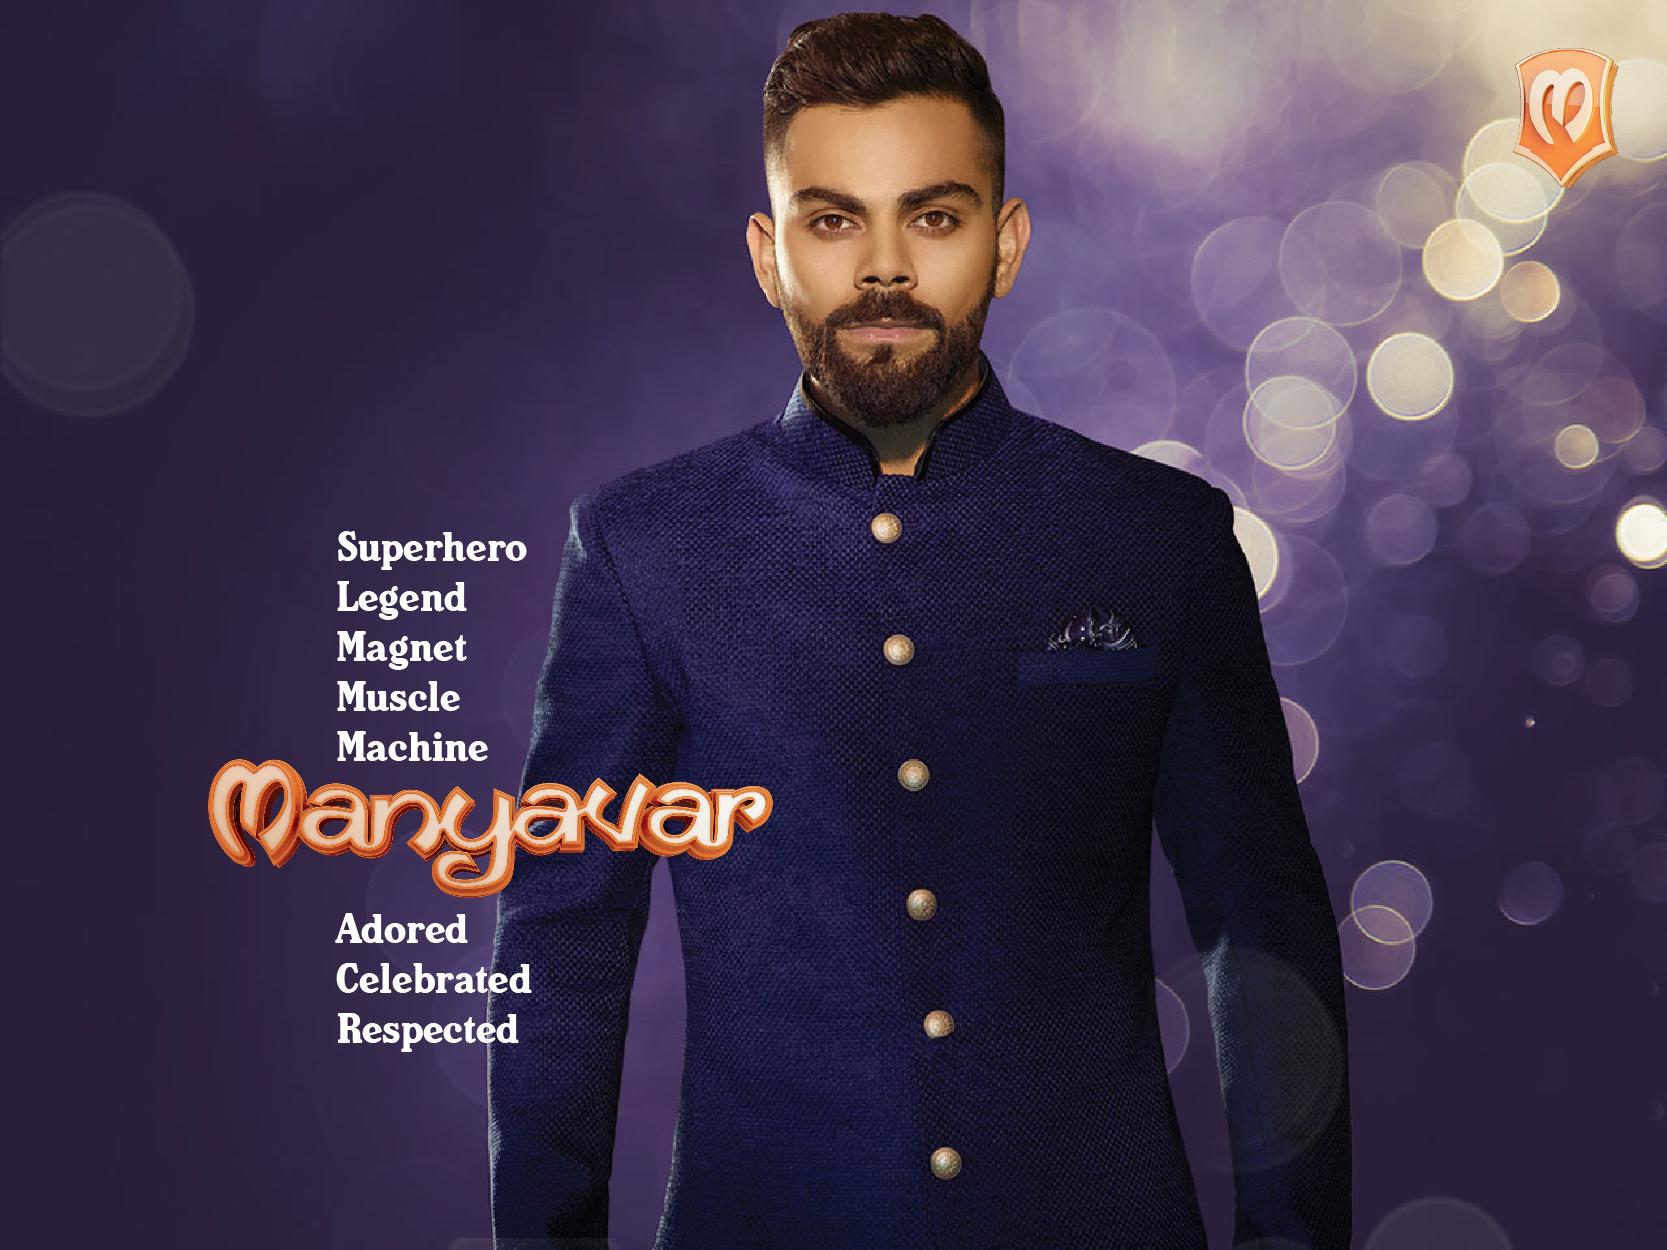 The Man Virat Kohli Is Manyavar Manyavar Virat And Anushka Indian Groom